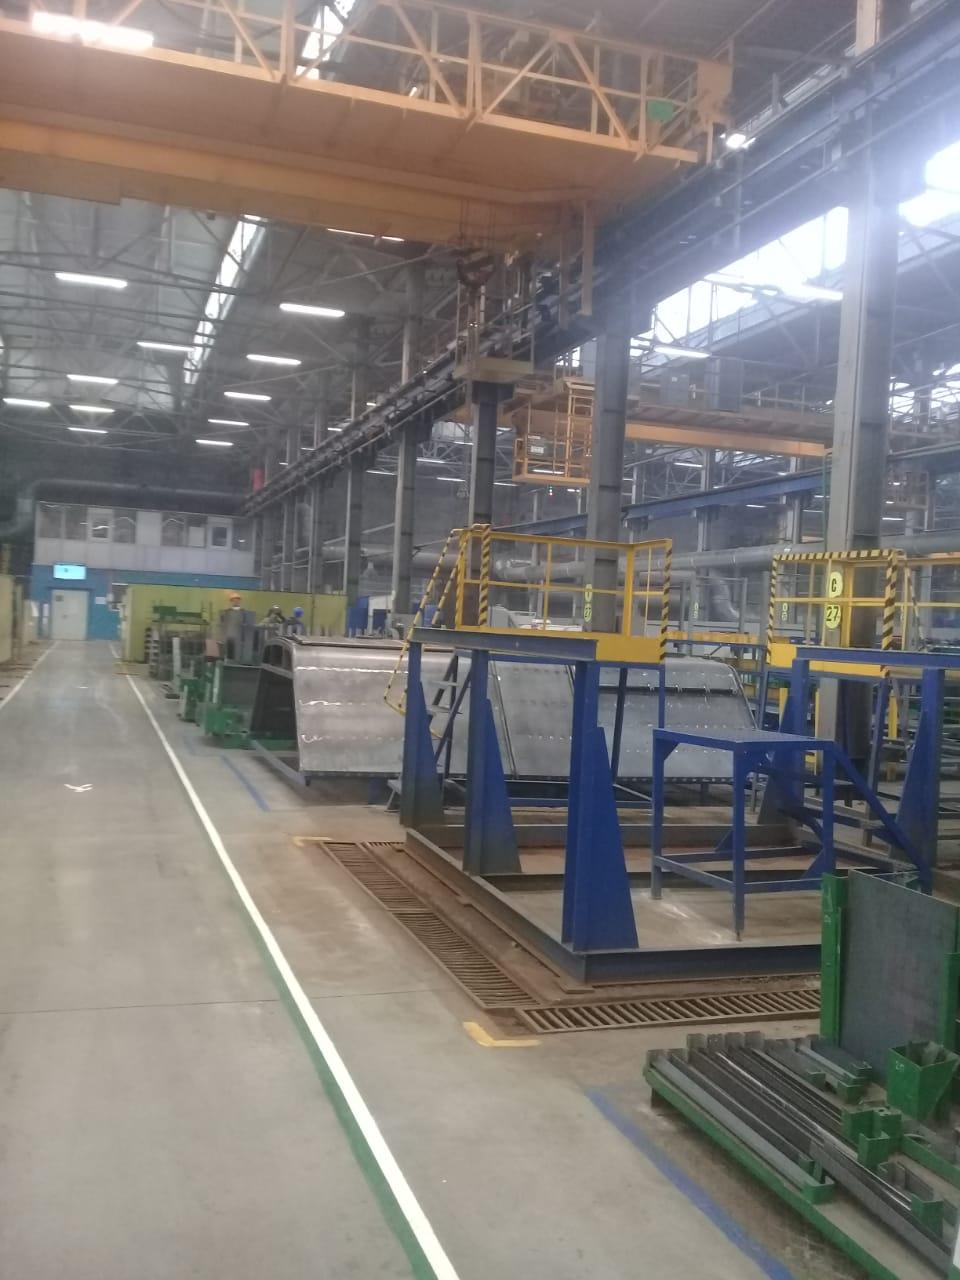 جولة لليوم السابع بمصنع جرارات السكة الحديد الروسى (19)